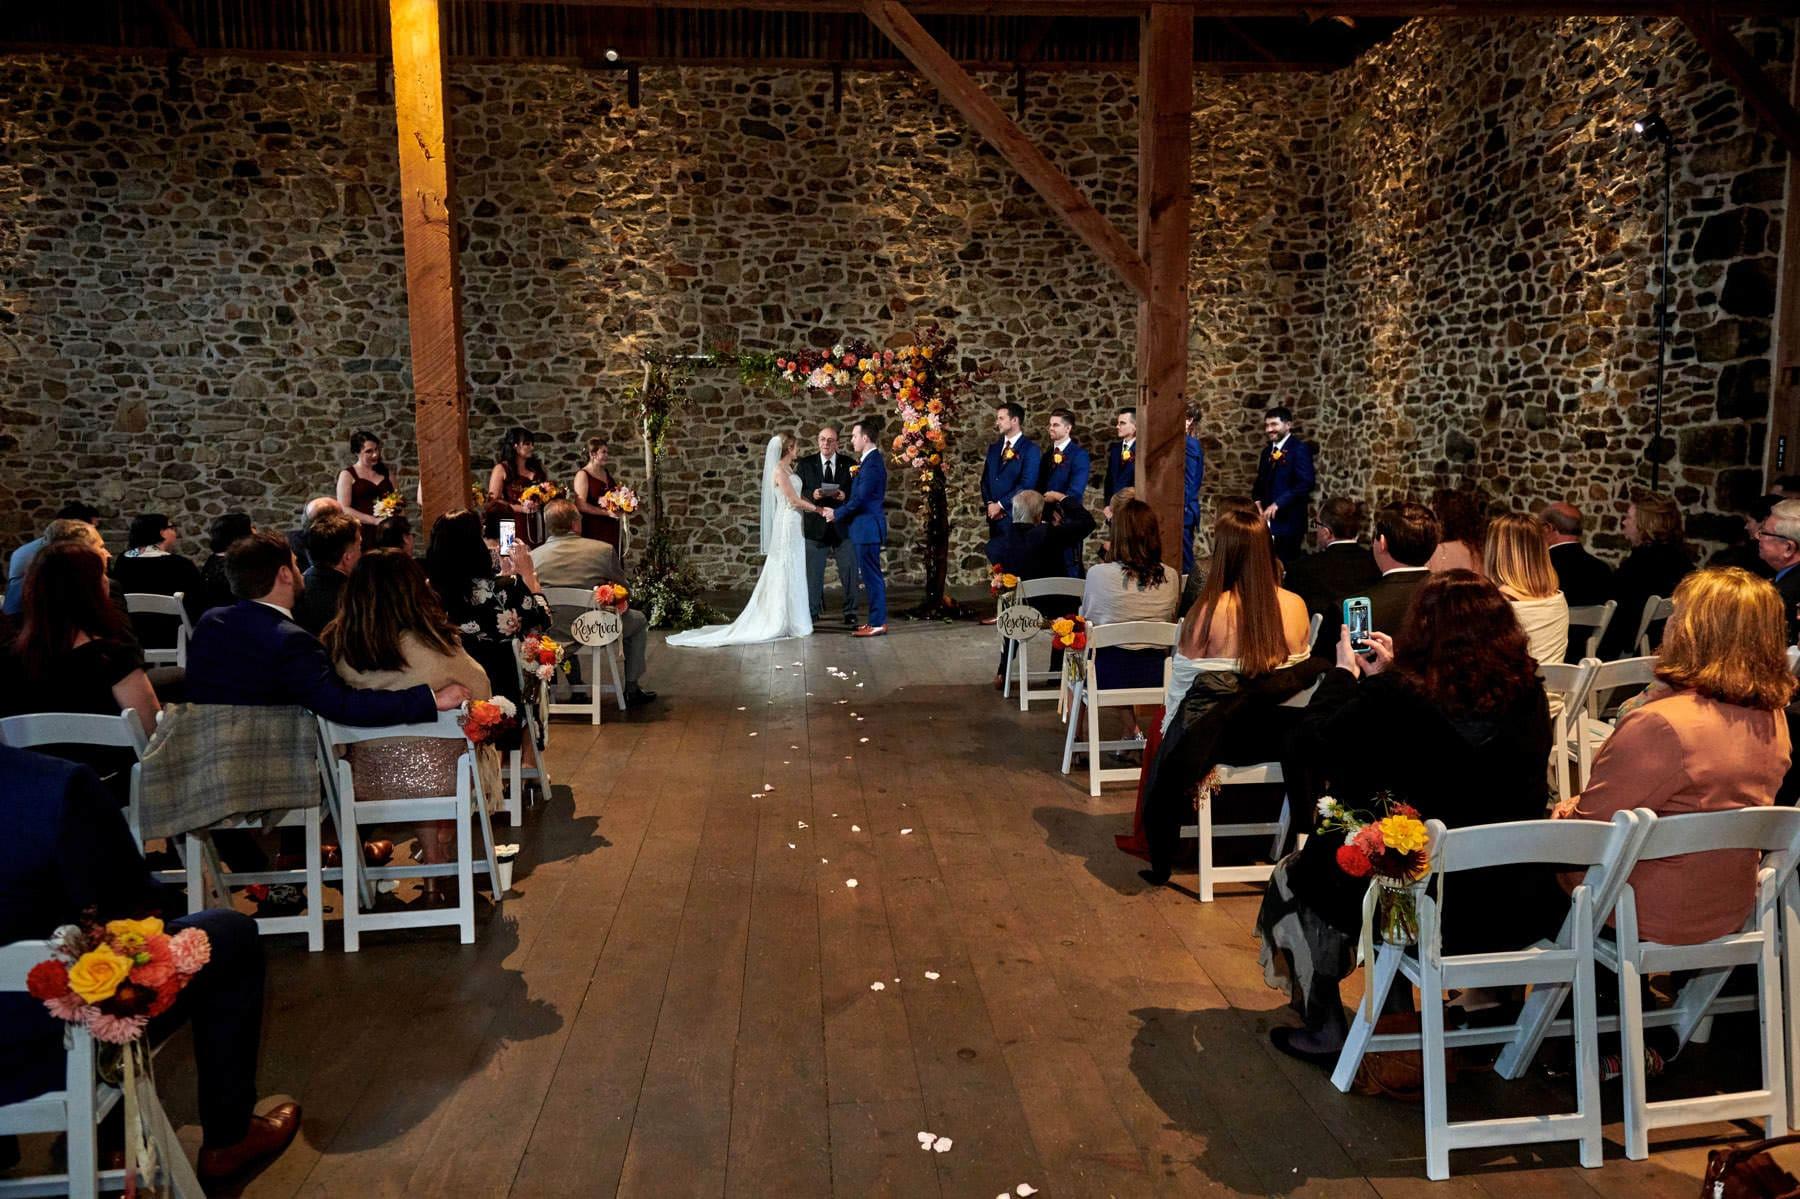 barn wedding ceremony photo at French Creek Golf Club